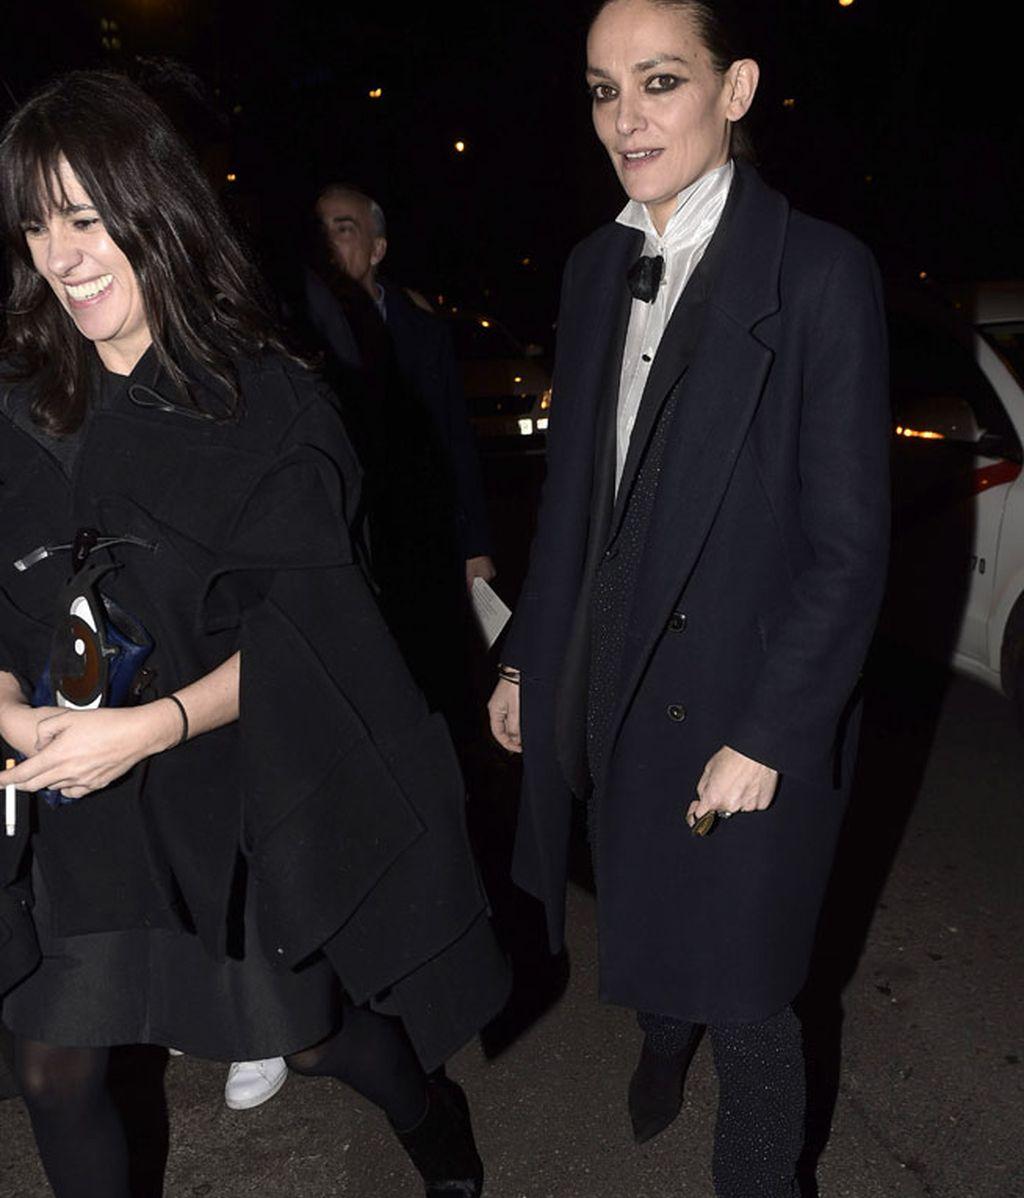 Amaya Arzuaga y Laura Ponte, con pajarita negra y traje de chaqueta y pantalón